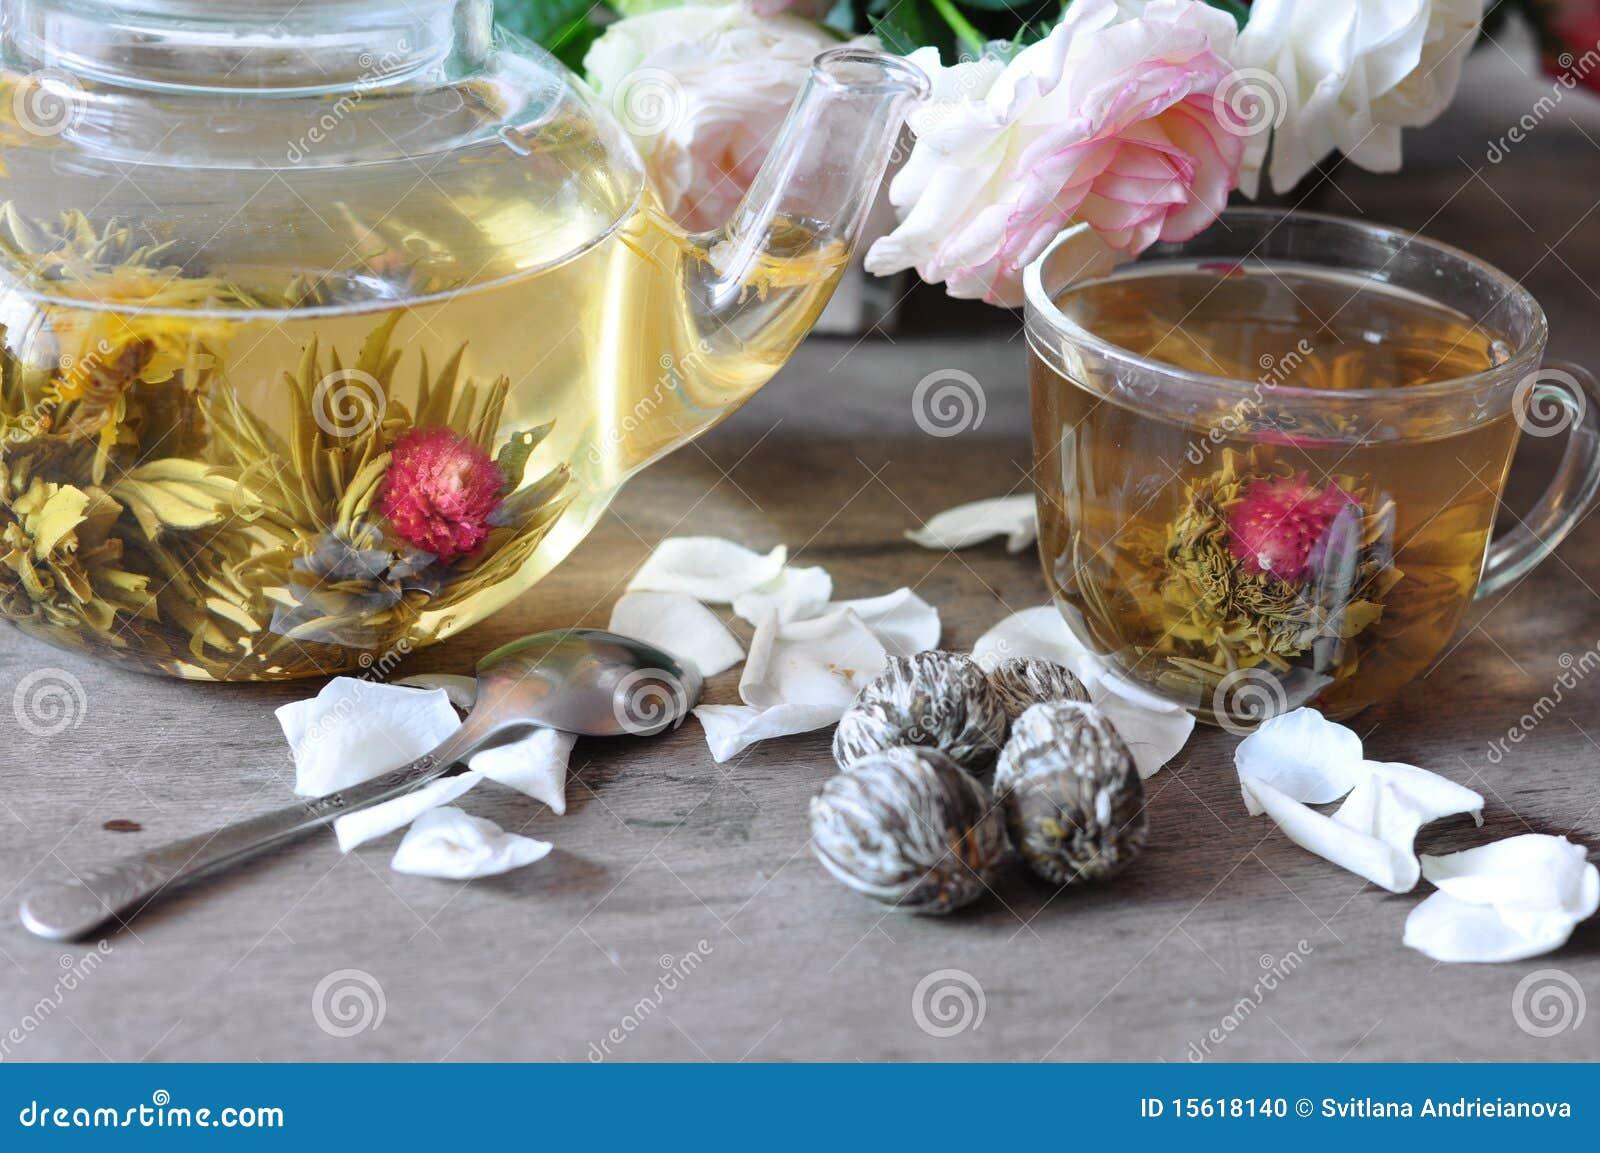 Green elite tea